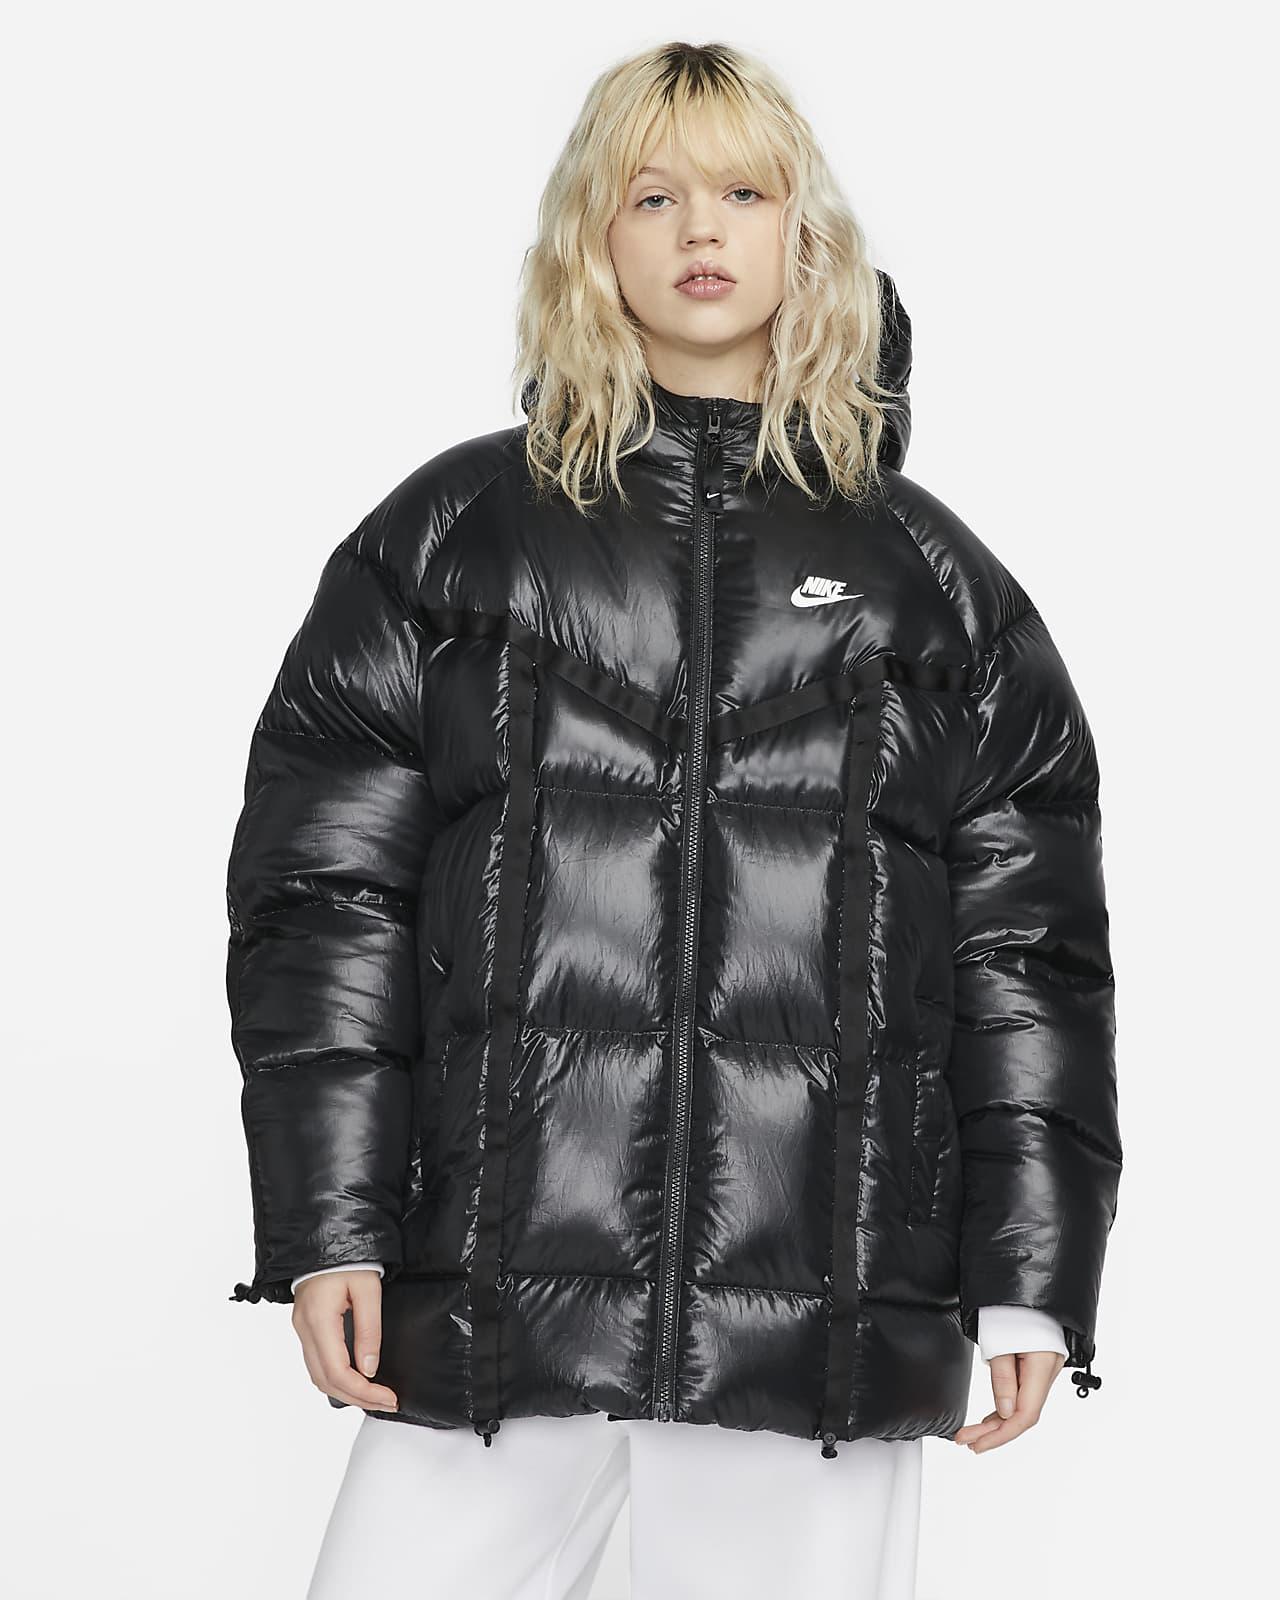 Nike Sportswear Therma-FIT City Series Women's Hooded Jacket